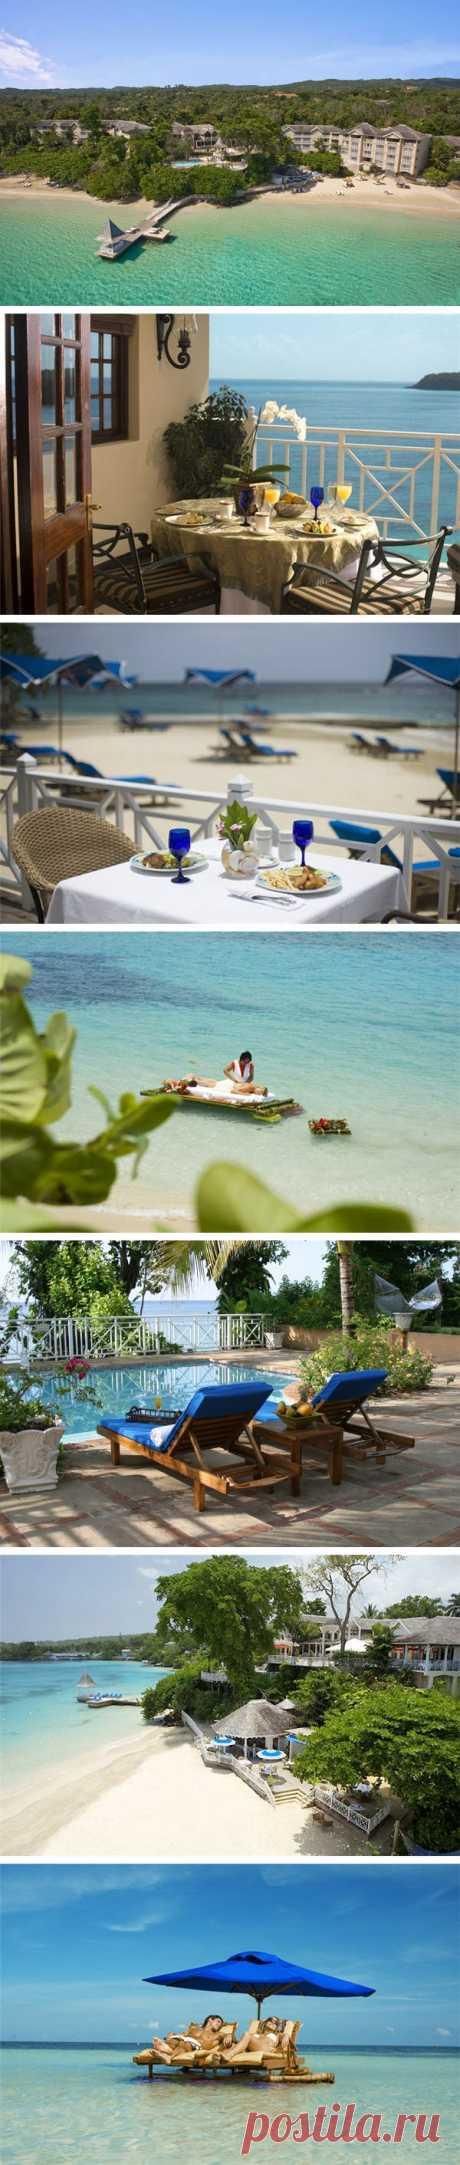 Там, где всегда лето. Отдых на острове Ямайка